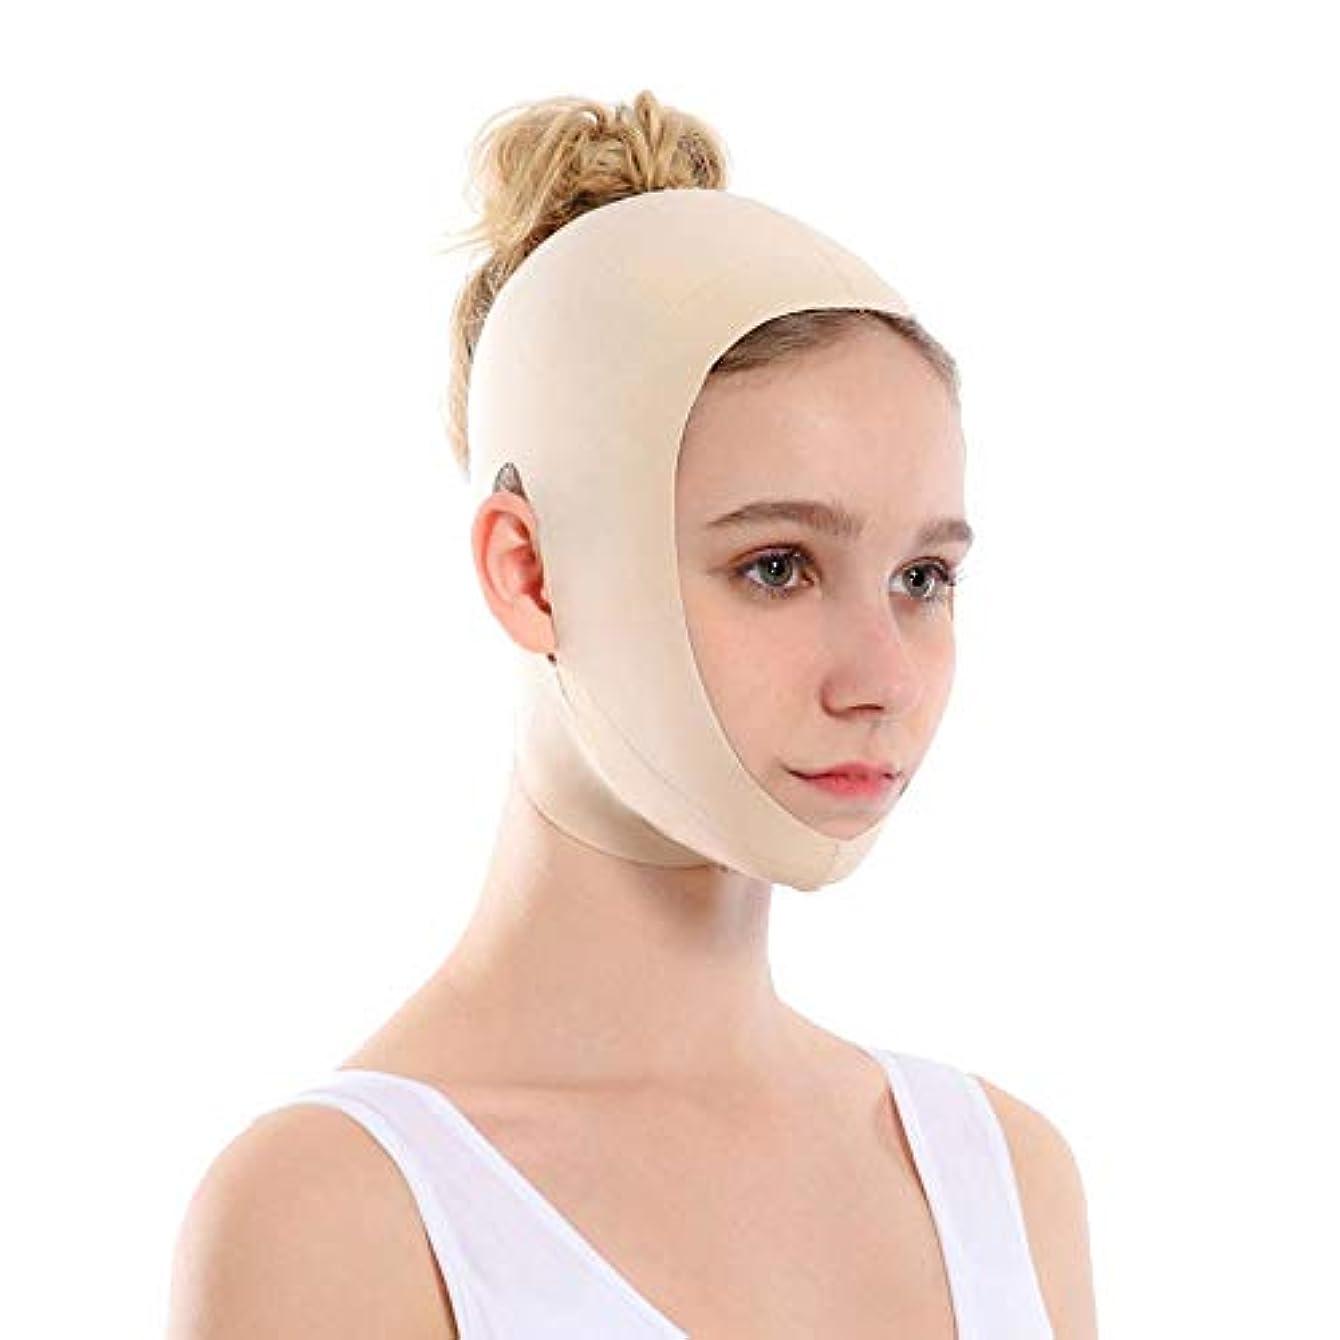 専門ビジョンマウントバンクJia Jia- 顔を持ち上げるアーティファクトVフェイス包帯リフティング引き締め睡眠薄い顔を整形持ち上げる顔を二重あご矯正 - 肌の色 顔面包帯